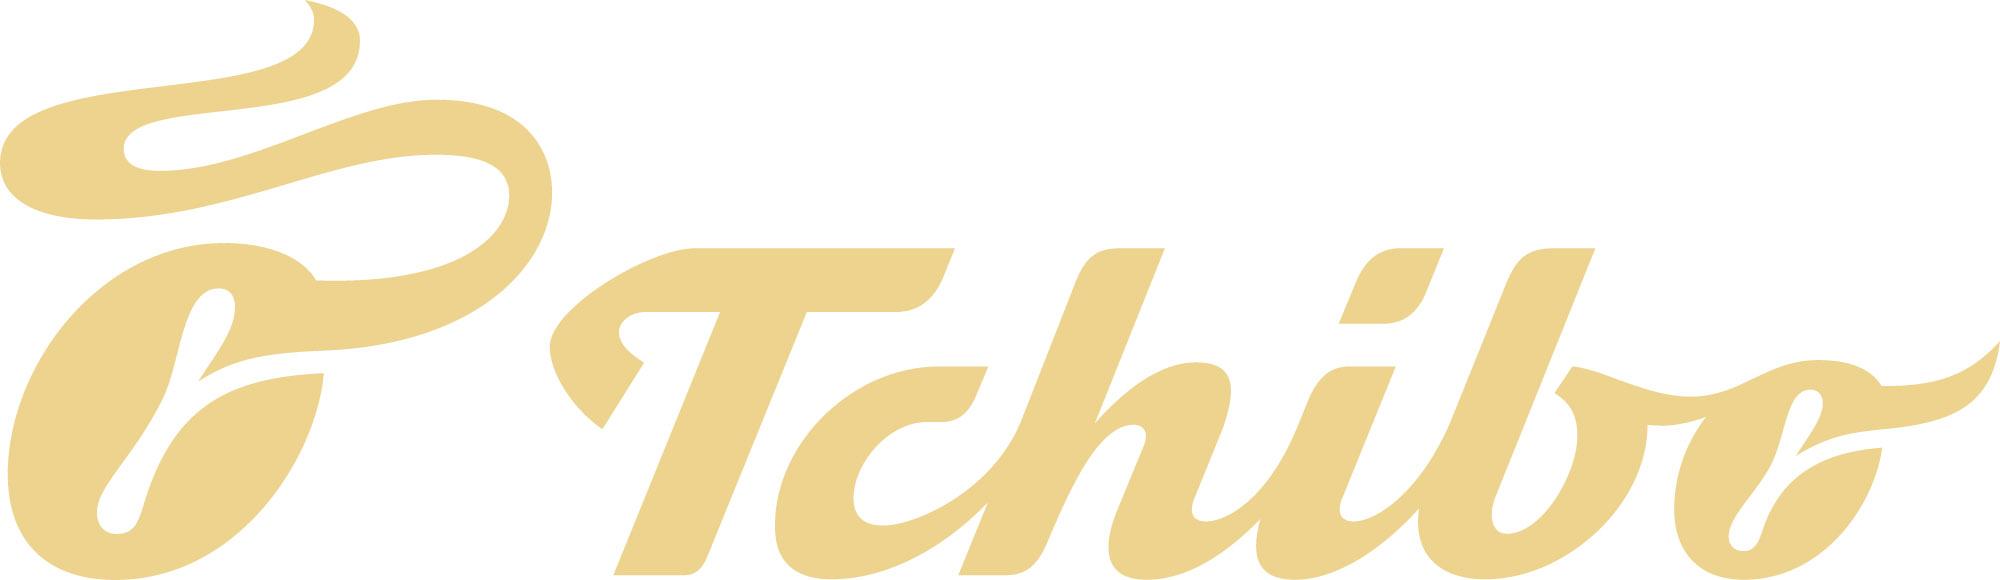 Gewinnen Sie Männermode für jeden Tag! - Sponsor logo